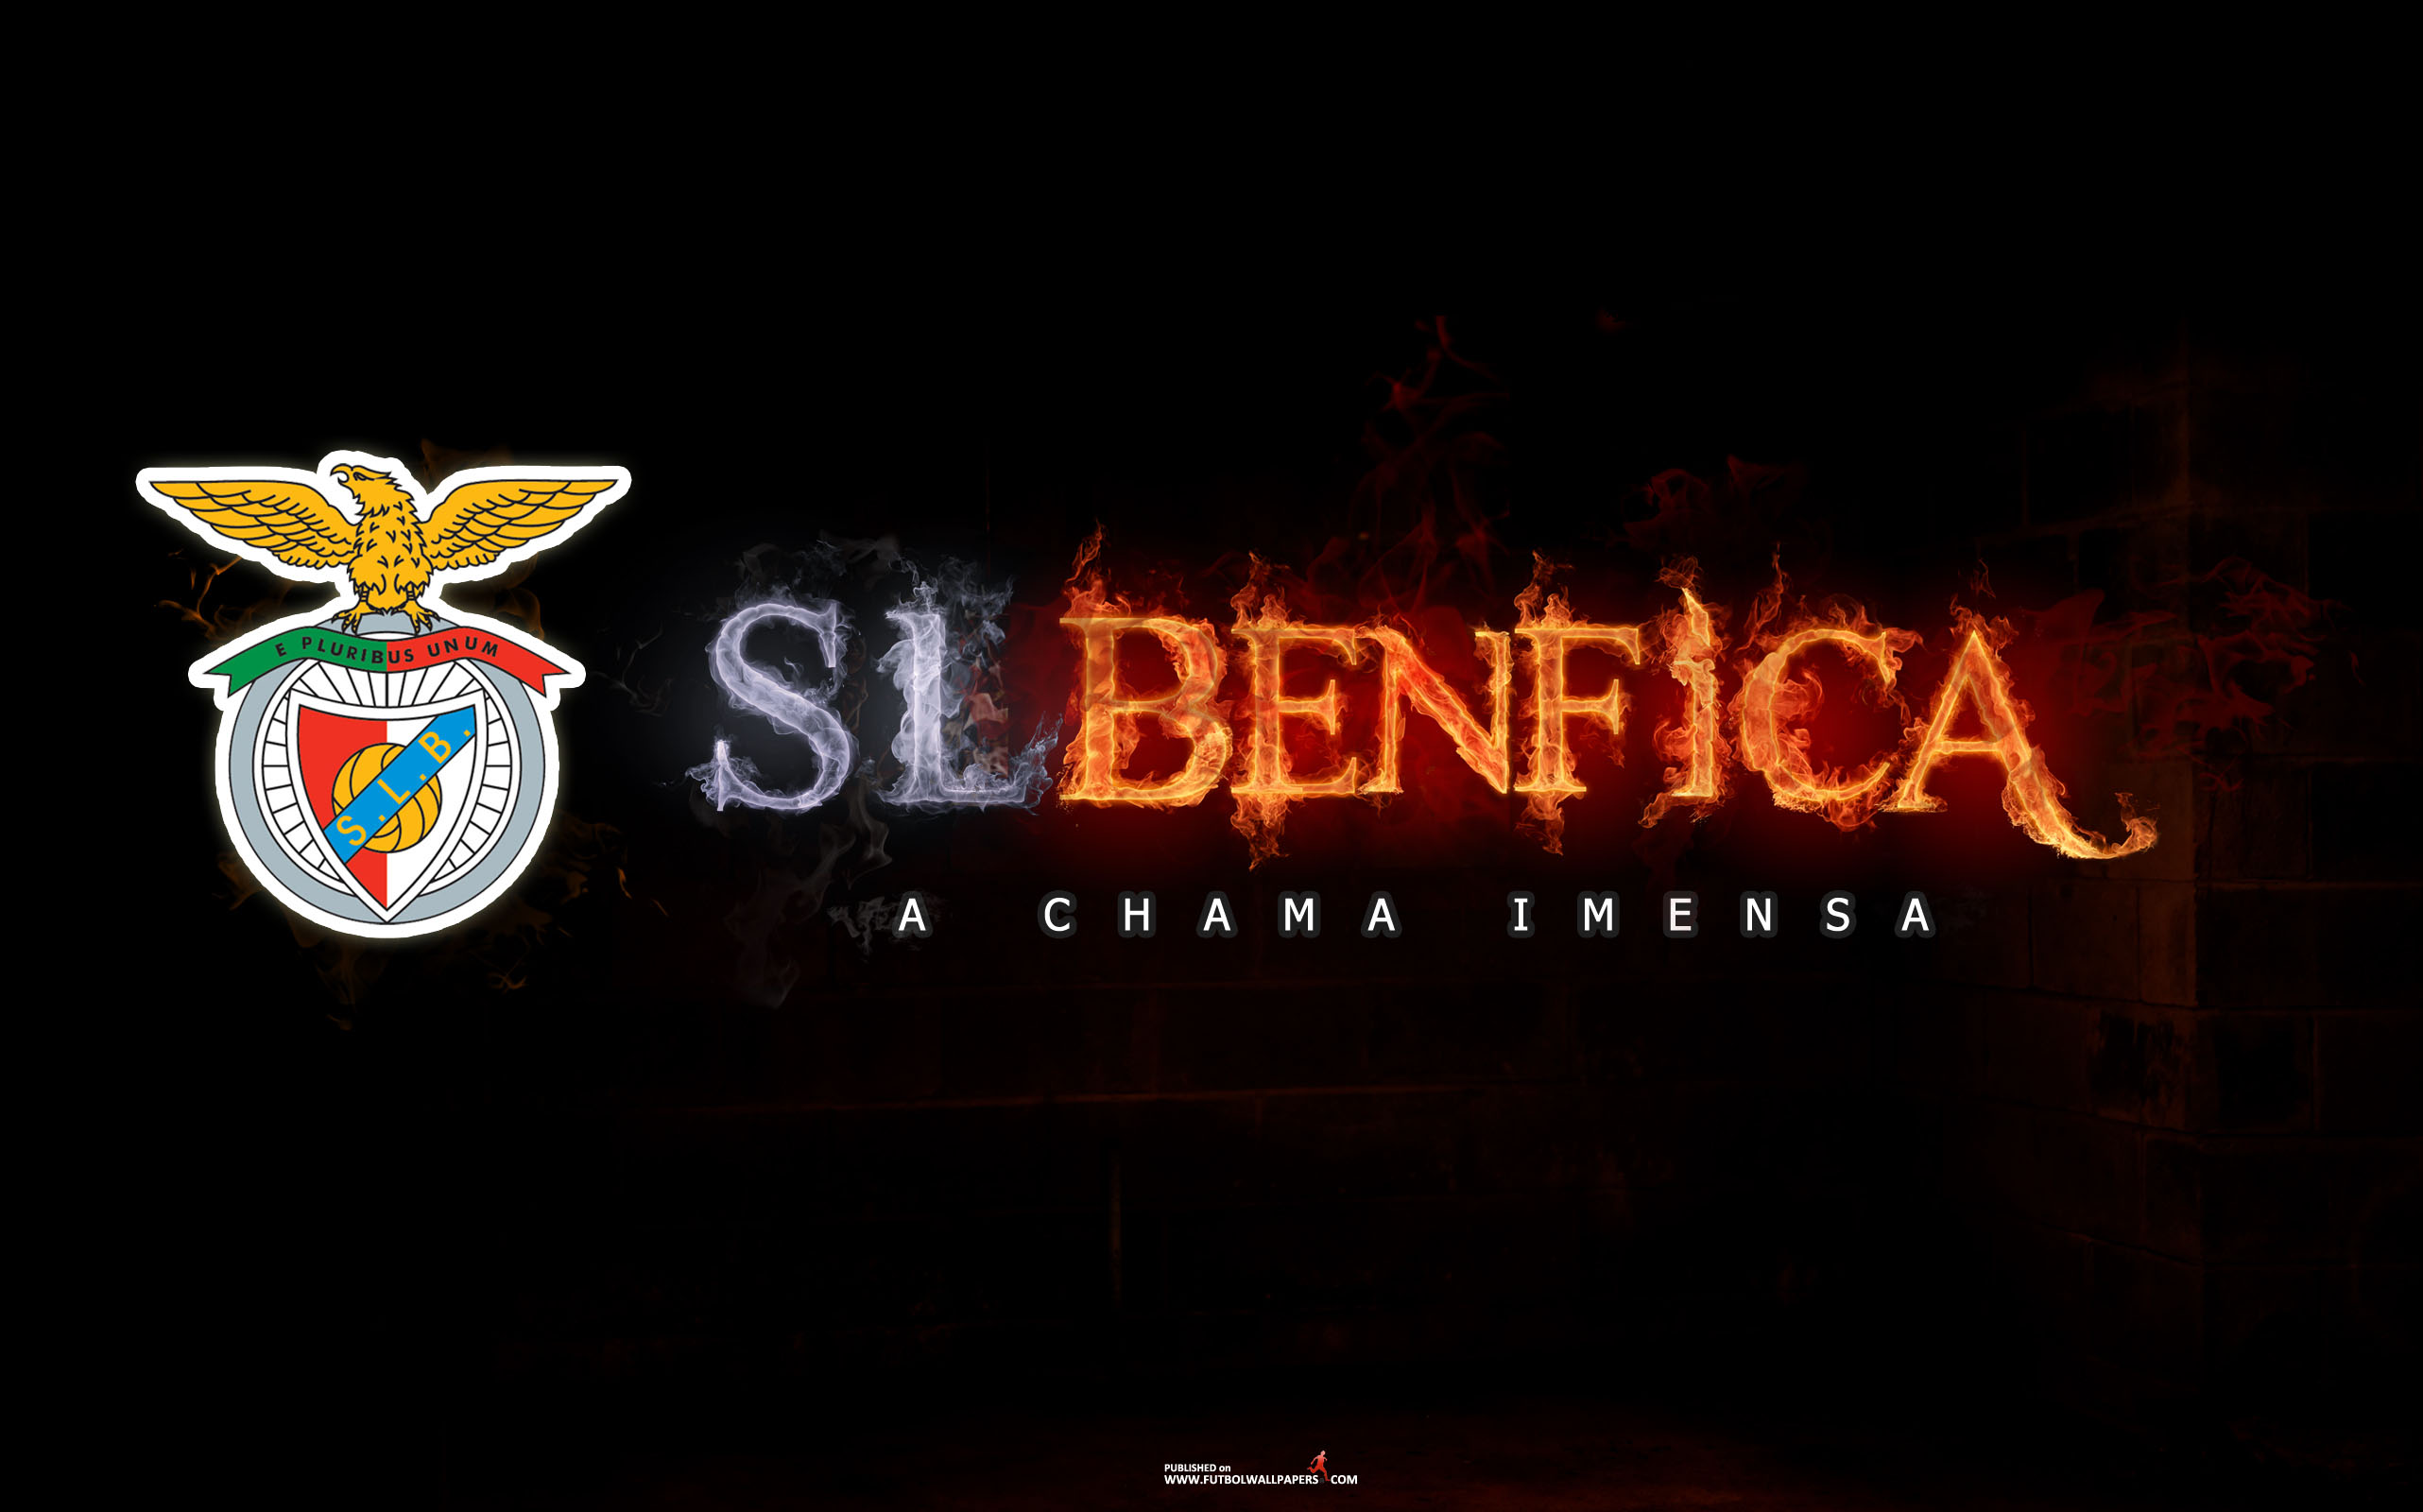 Chùm ảnh: SL Benfica (1)